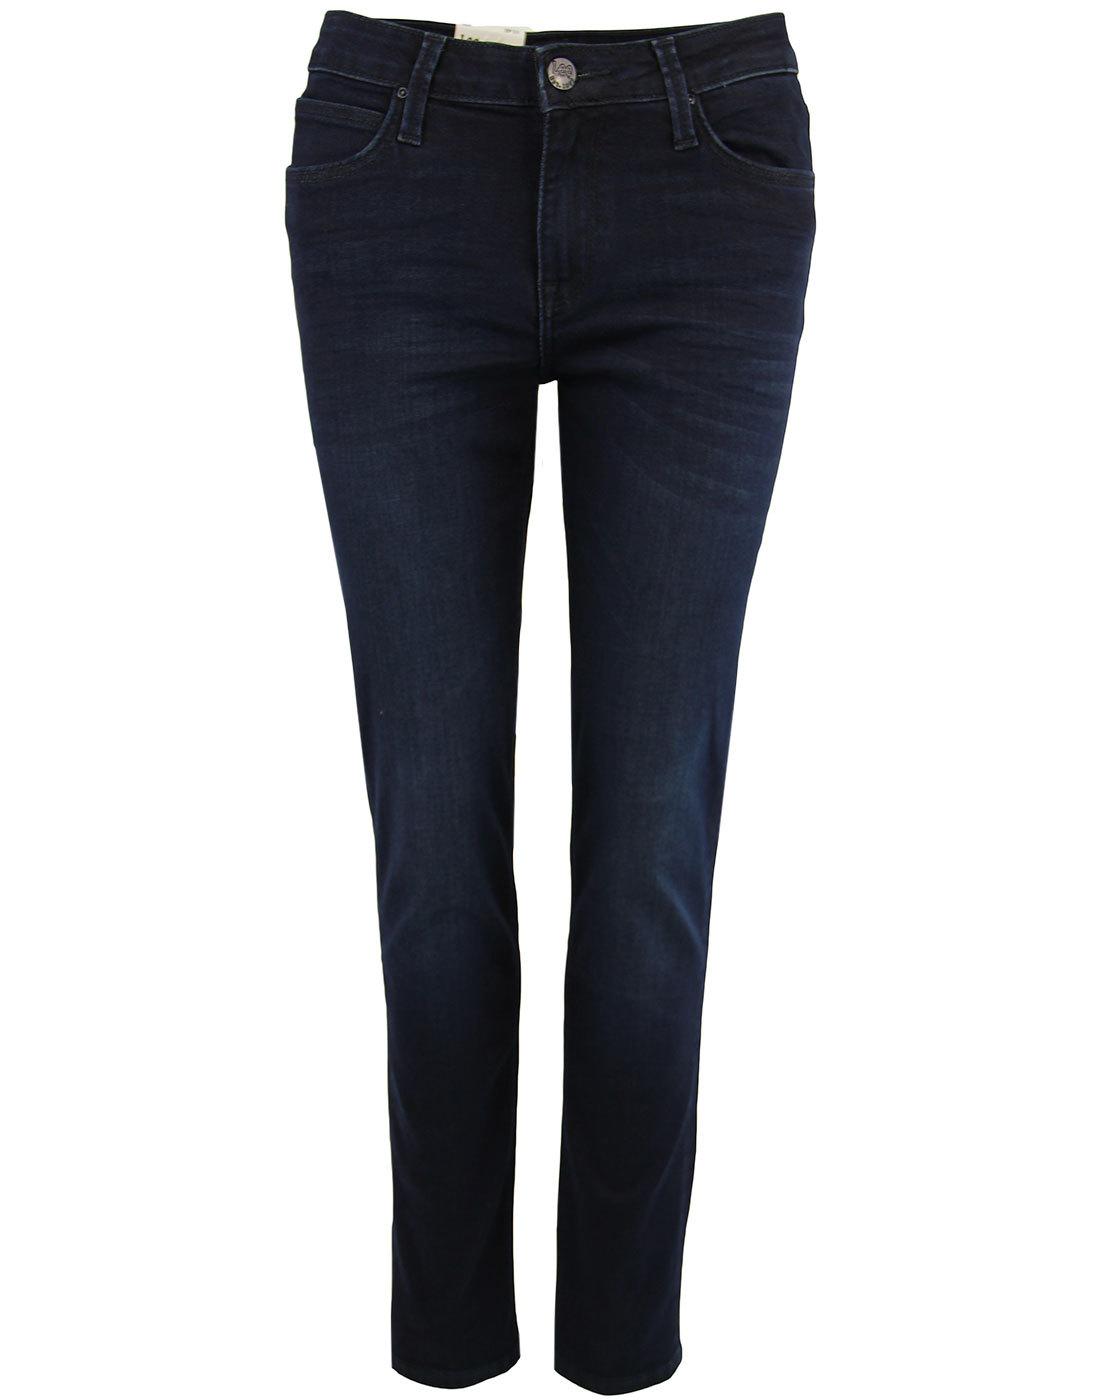 Elly LEE High Waist Slim Denim Jeans SUPER DARK